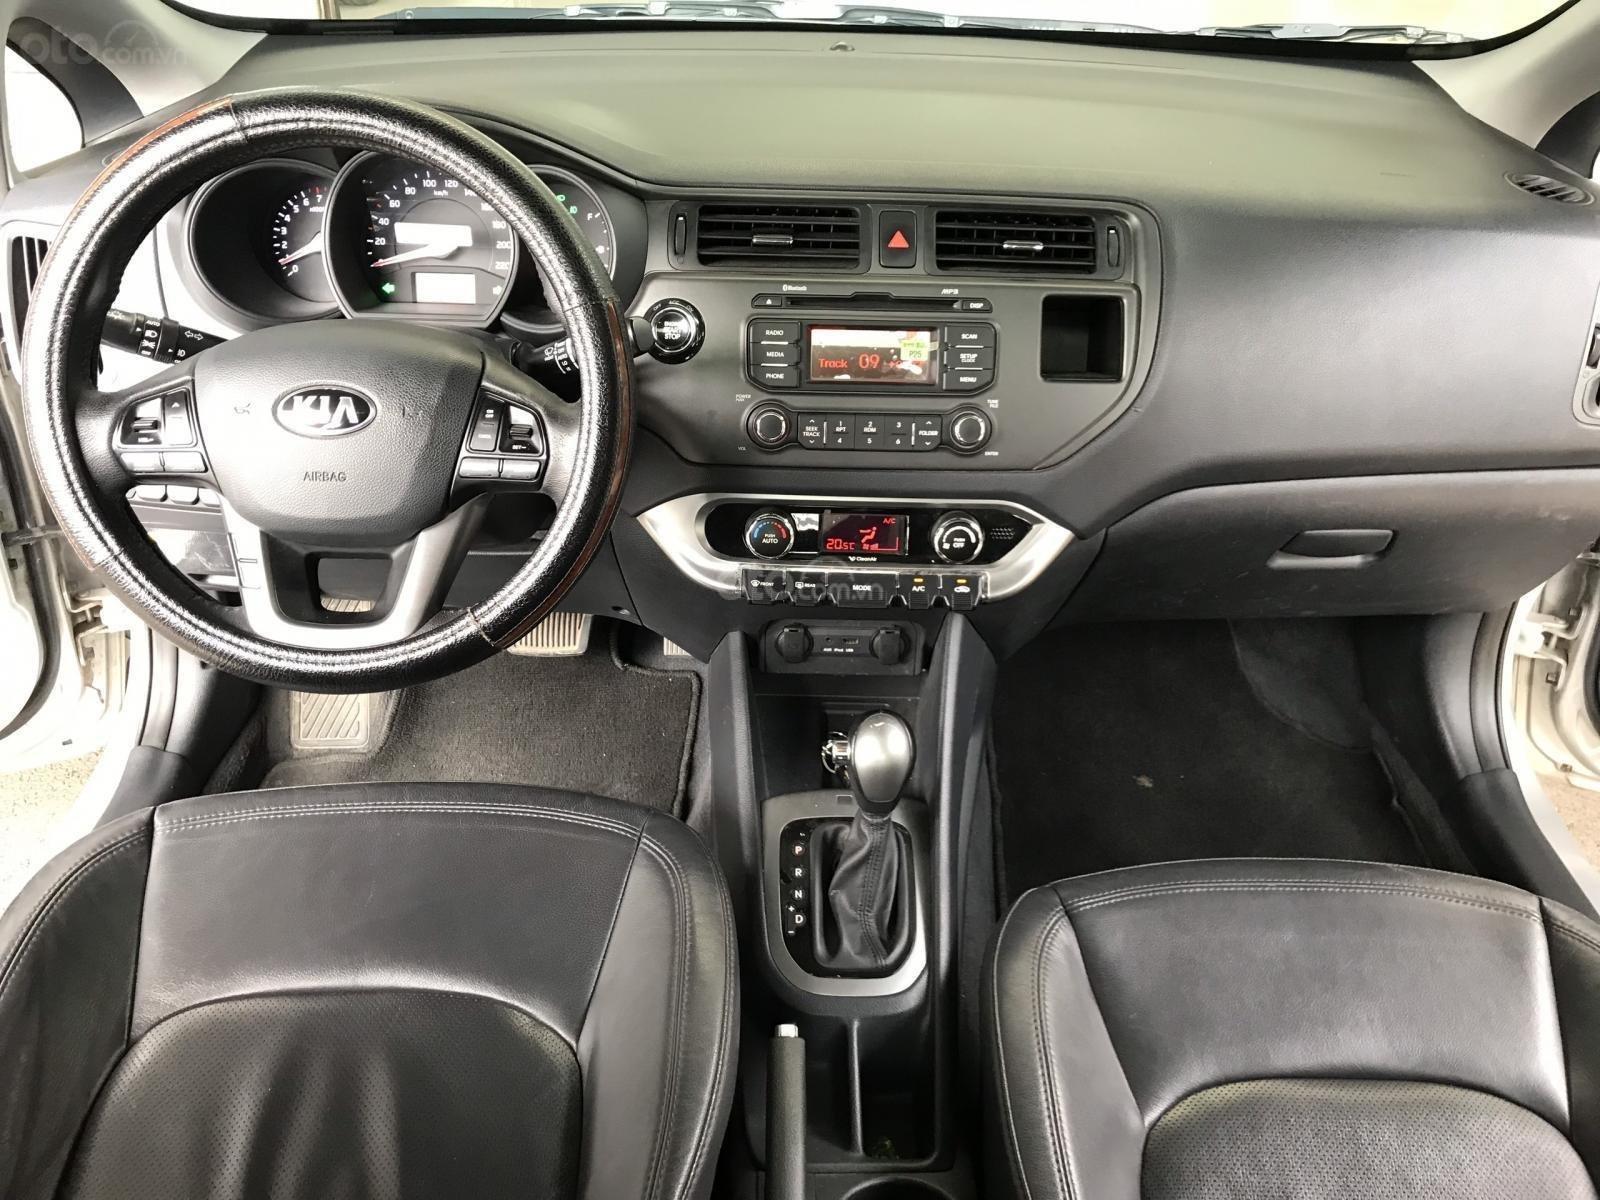 Bán xe Kia Rio năm sản xuất 2012, màu bạc, nhập khẩu, giá tốt (2)